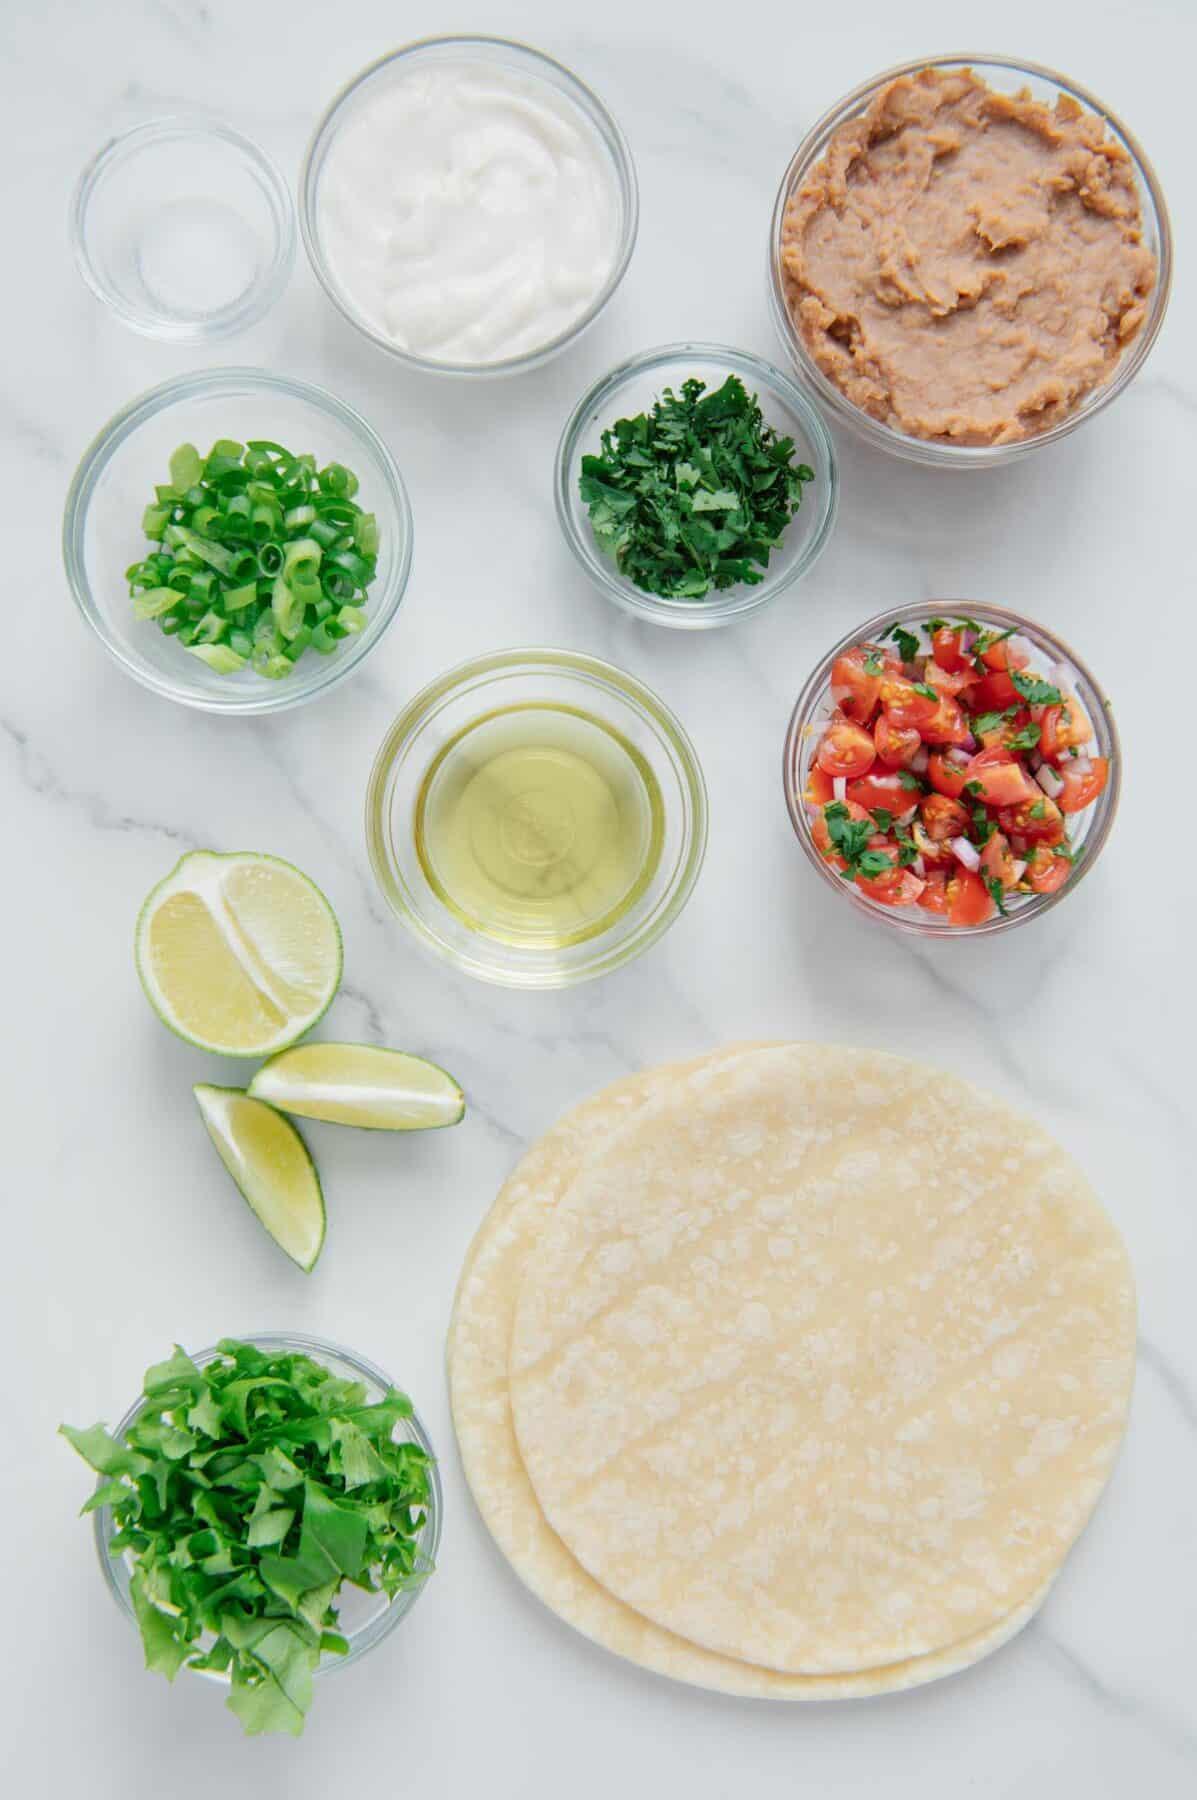 Vegan Tostada Ingredients